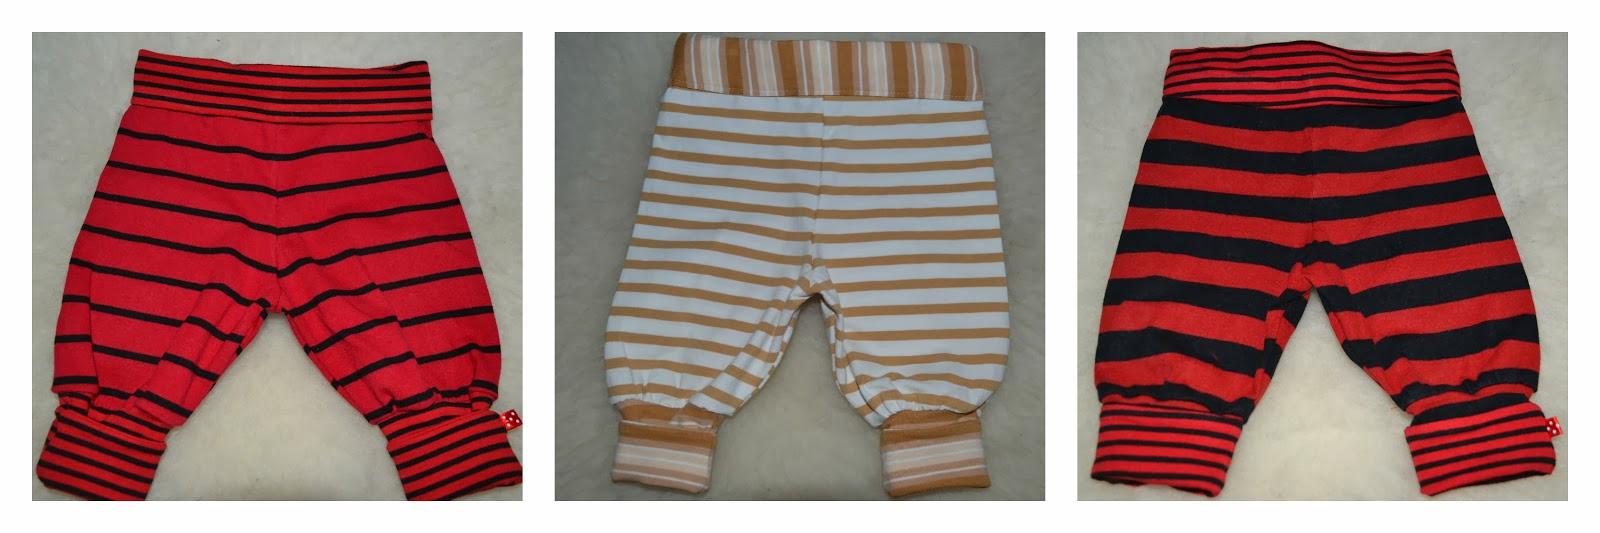 dcd13f0cd64 ... :D aga neid pükse saab veidi kauem kanda, sest jalaotstes olevad